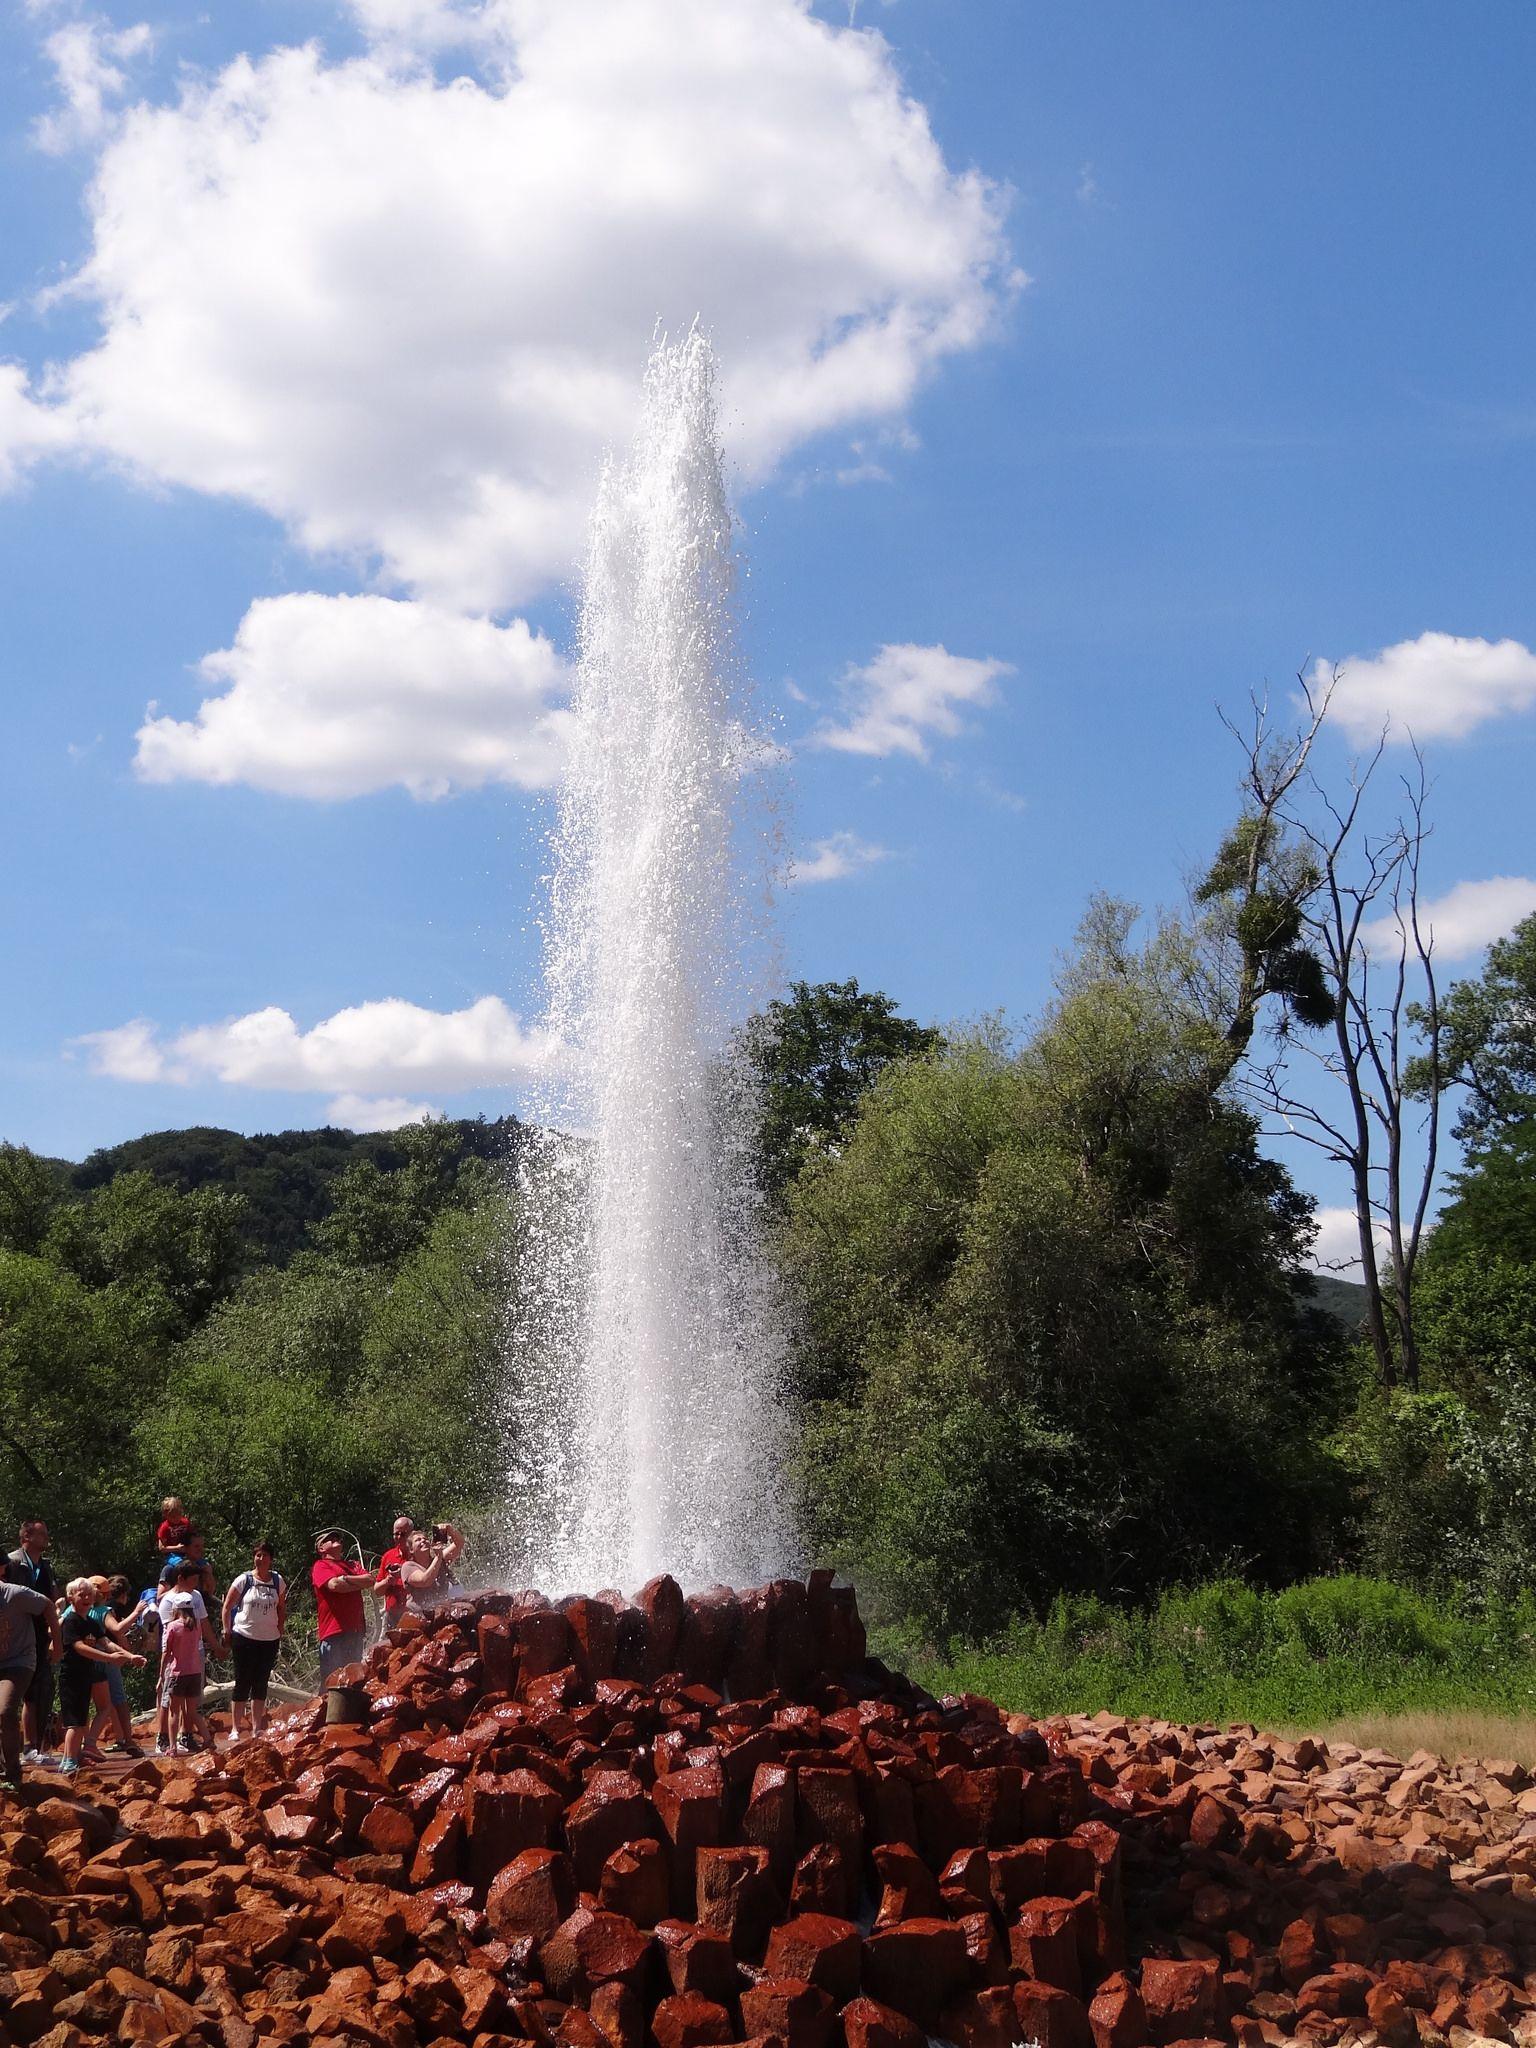 https://flic.kr/p/KxwWYy | Andernach und Geysir | Der Geysir Andernach, anfangs Namedyer Sprudel genannt, der 1903 erstmals erbohrt wurde, ist mit etwa 50 bis 60 Metern Auswurfshöhe der höchste Kaltwassergeysir der Erde. Er befindet sich auf dem Namedyer Werth, einer Halbinsel im Rhein bei Andernach im rheinland-pfälzischen Landkreis Mayen-Koblenz.  Eine Eruptionsdauer des Geysirs beträgt etwa acht Minuten bei einem Intervall von rund 100 Minuten zwischen den einzelnen Ausbrüchen…